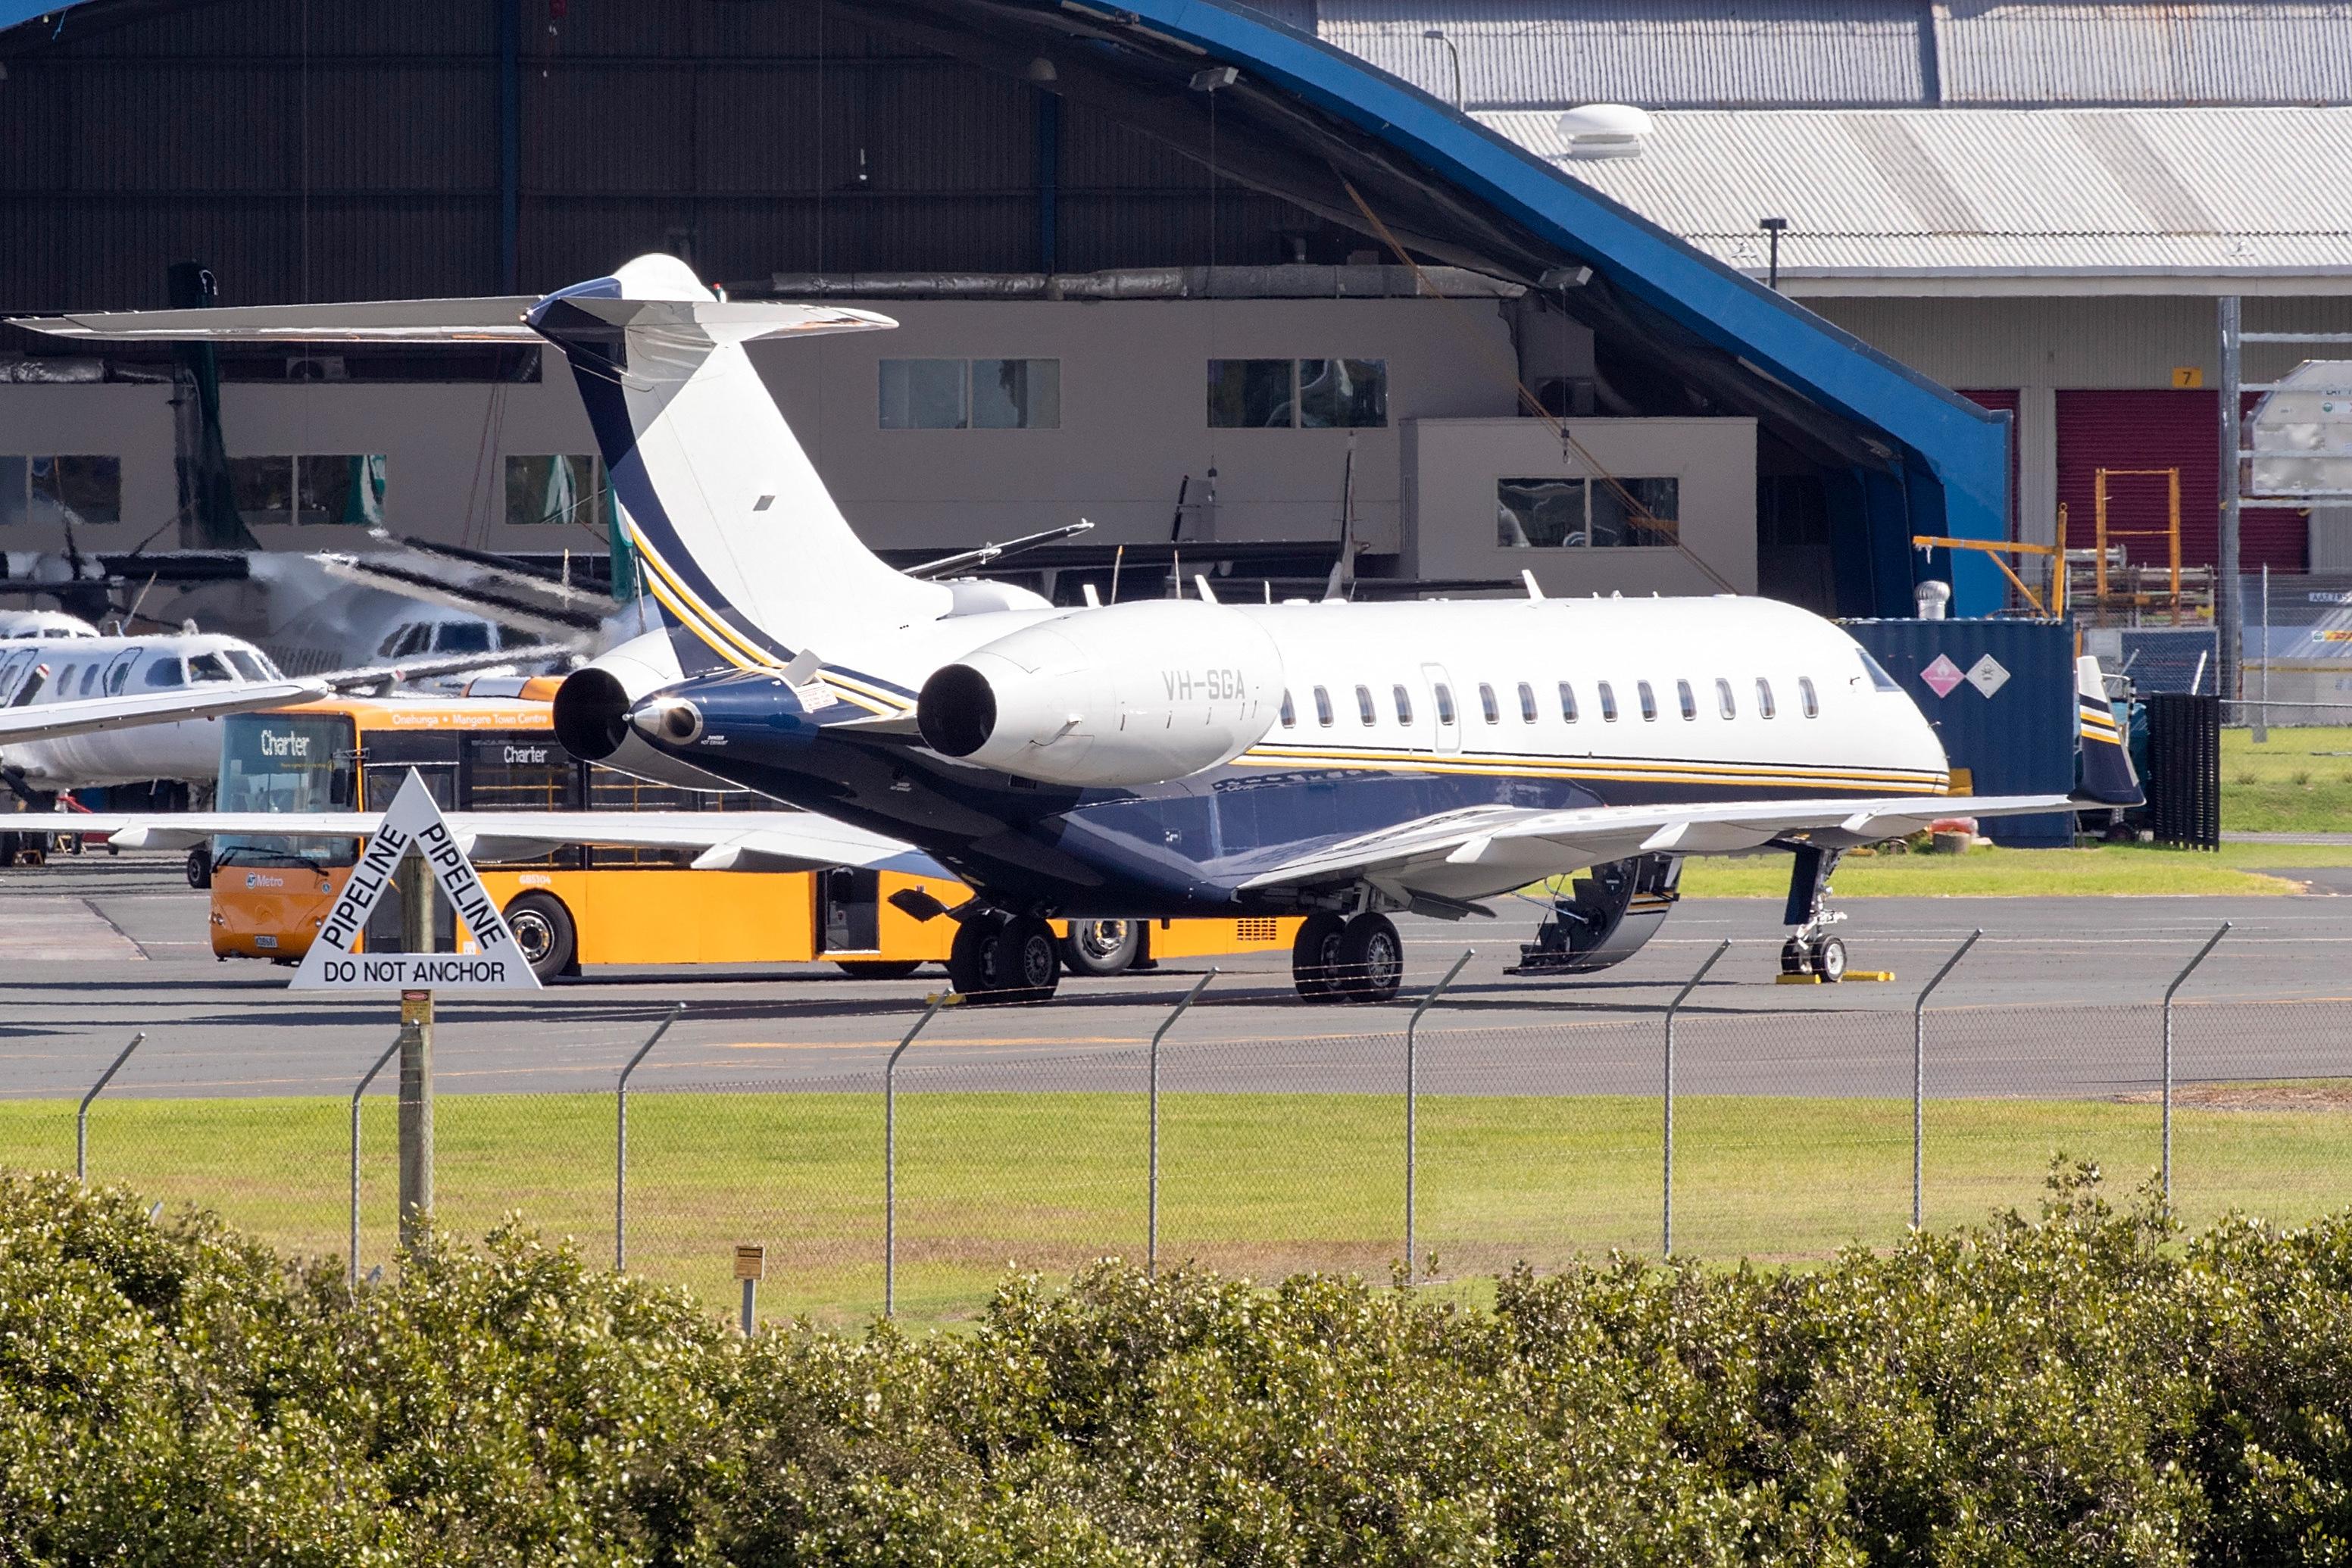 Rögtön találtak egy covidos reptéri dolgozót, miután Ausztrália és Új-Zéland megnyitotta egymás felé a határokat